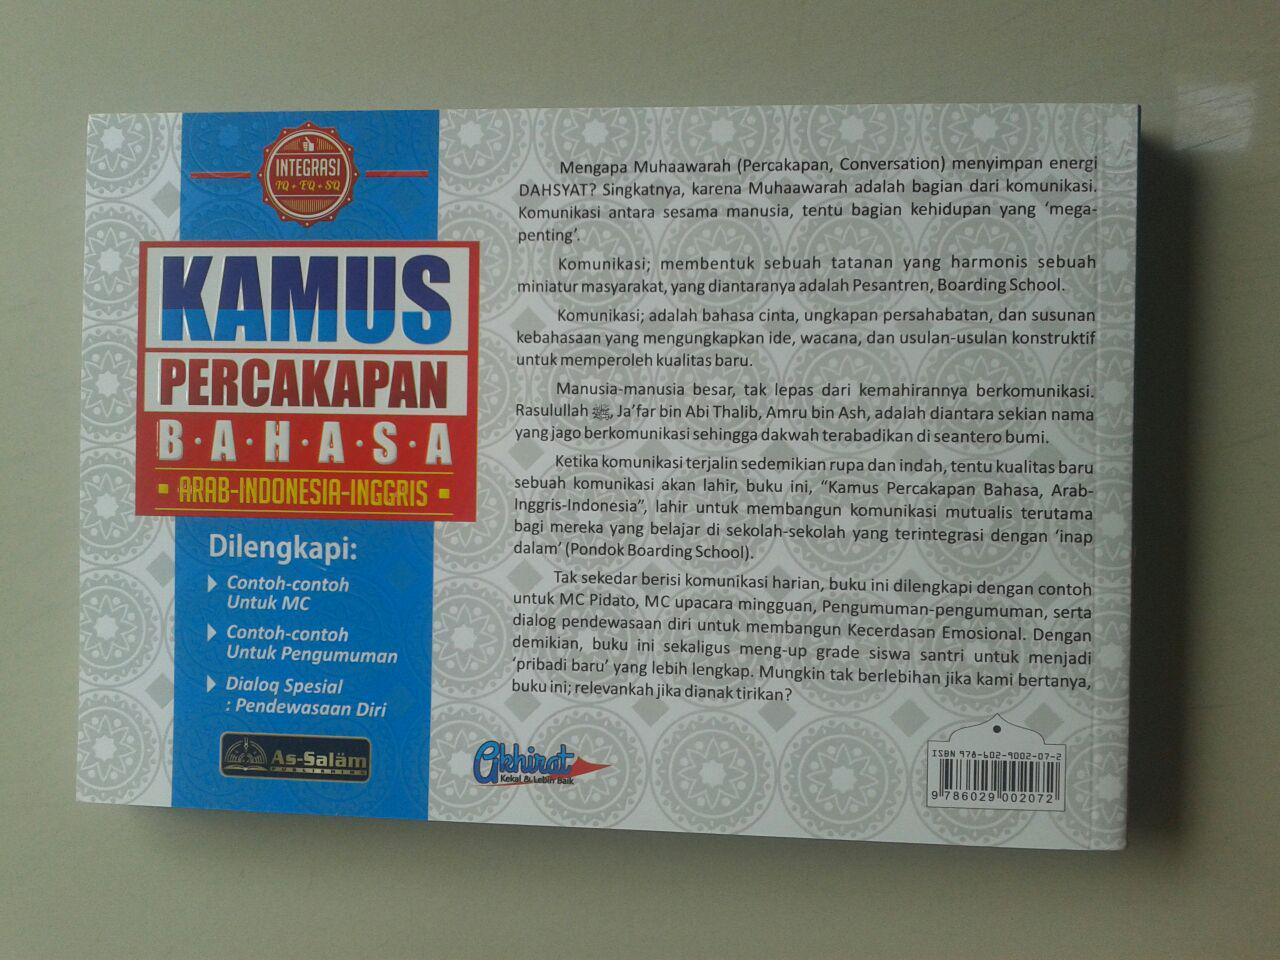 Buku Kamus Percakapan Bahasa Arab-Indonesia-Inggris cover